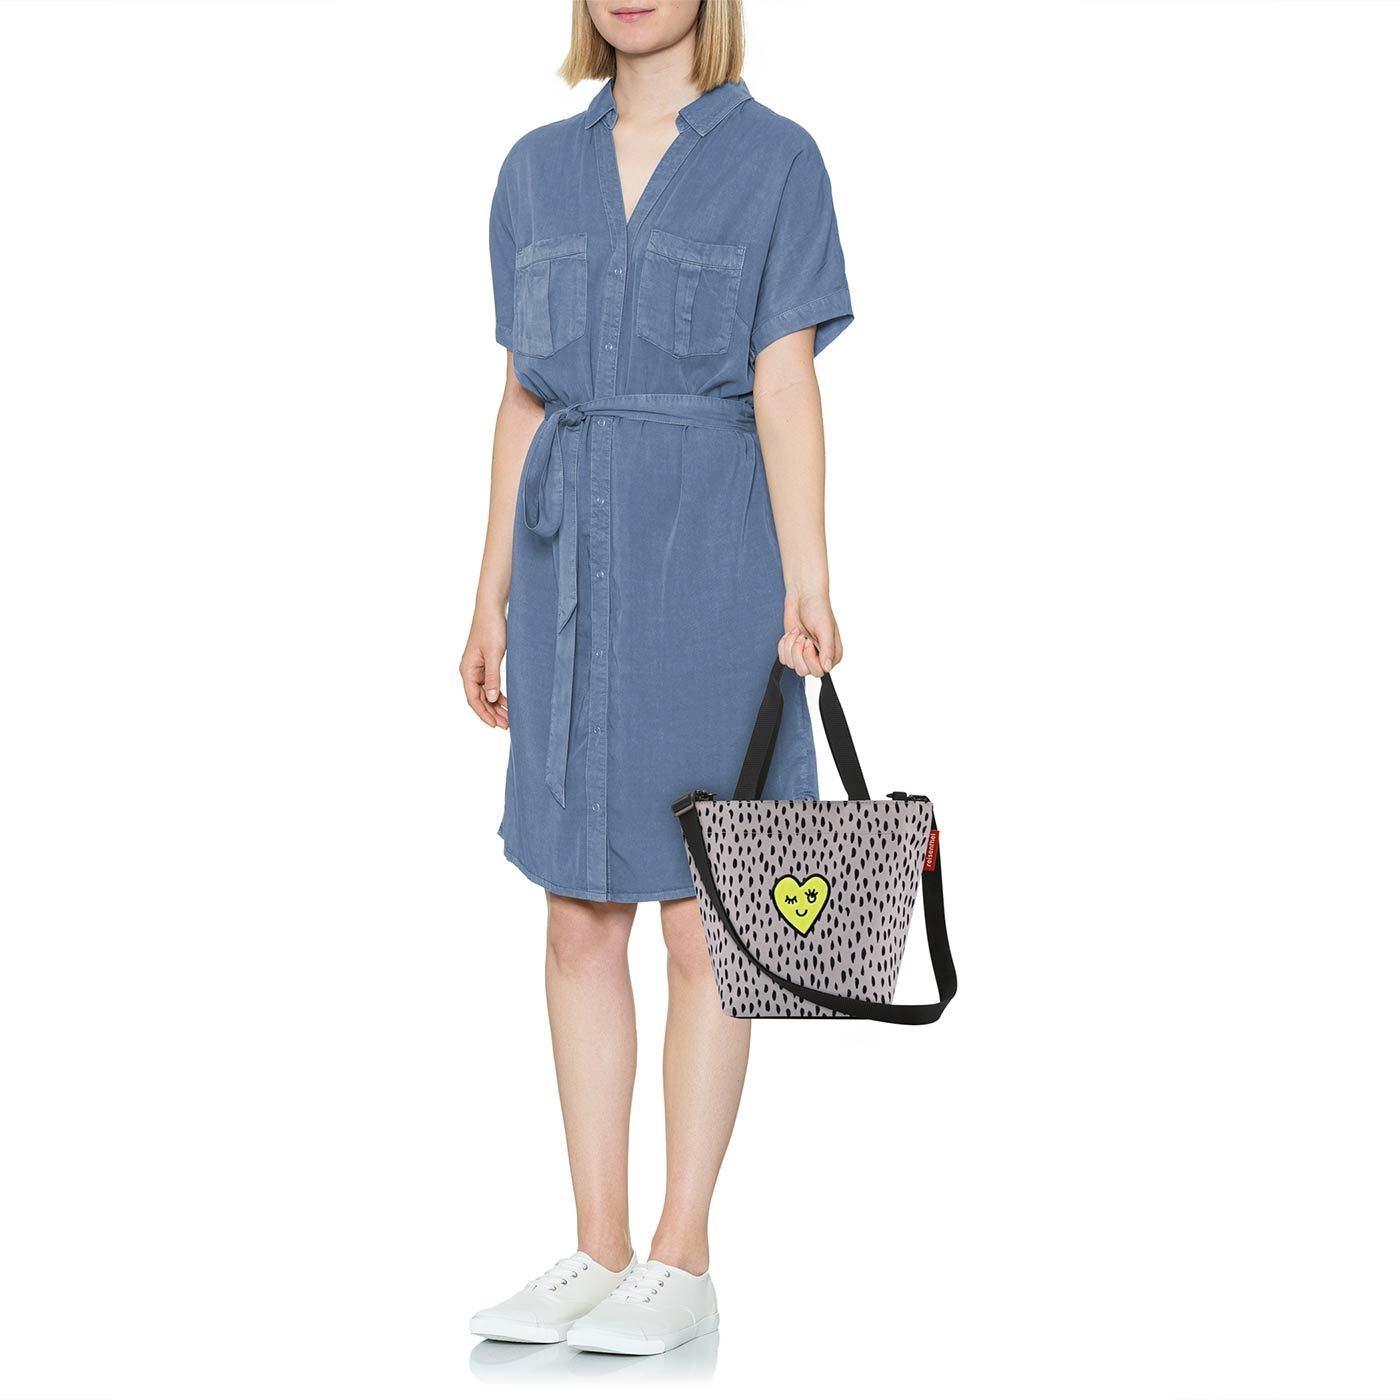 Dětská taška Shopper XS kids mini me leo_4